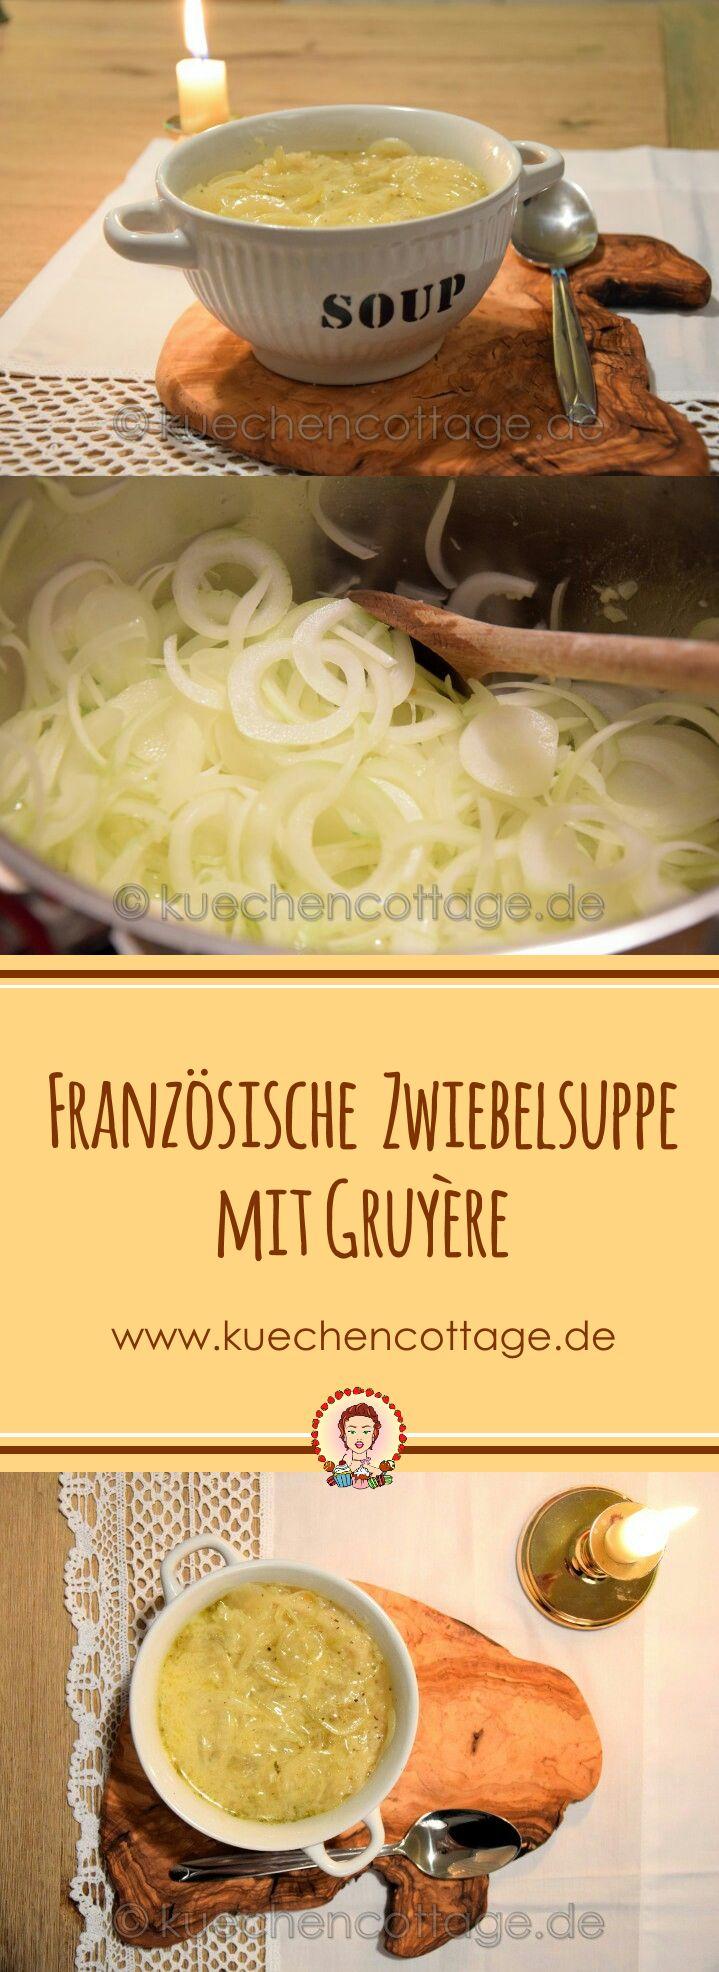 Französische Zwiebelsuppe mit Gruyére | Küchencottage  http://kuechencottage.de/franzoesische-zwiebelsuppe-mit-gr…/  Das Rezept für die schmackhafte französische Zwiebelsuppe mit Gruyére findest du auf kuechencottage.de  #Suppe #Winter #Rezept #Foodporn #Foodblog #Blog #Kochen #Rezeptideen #WInterzeit #Zwiebelsuppe #Zwiebel #Gruyère #Käse #Foodie #Blogger #einfach #schnell